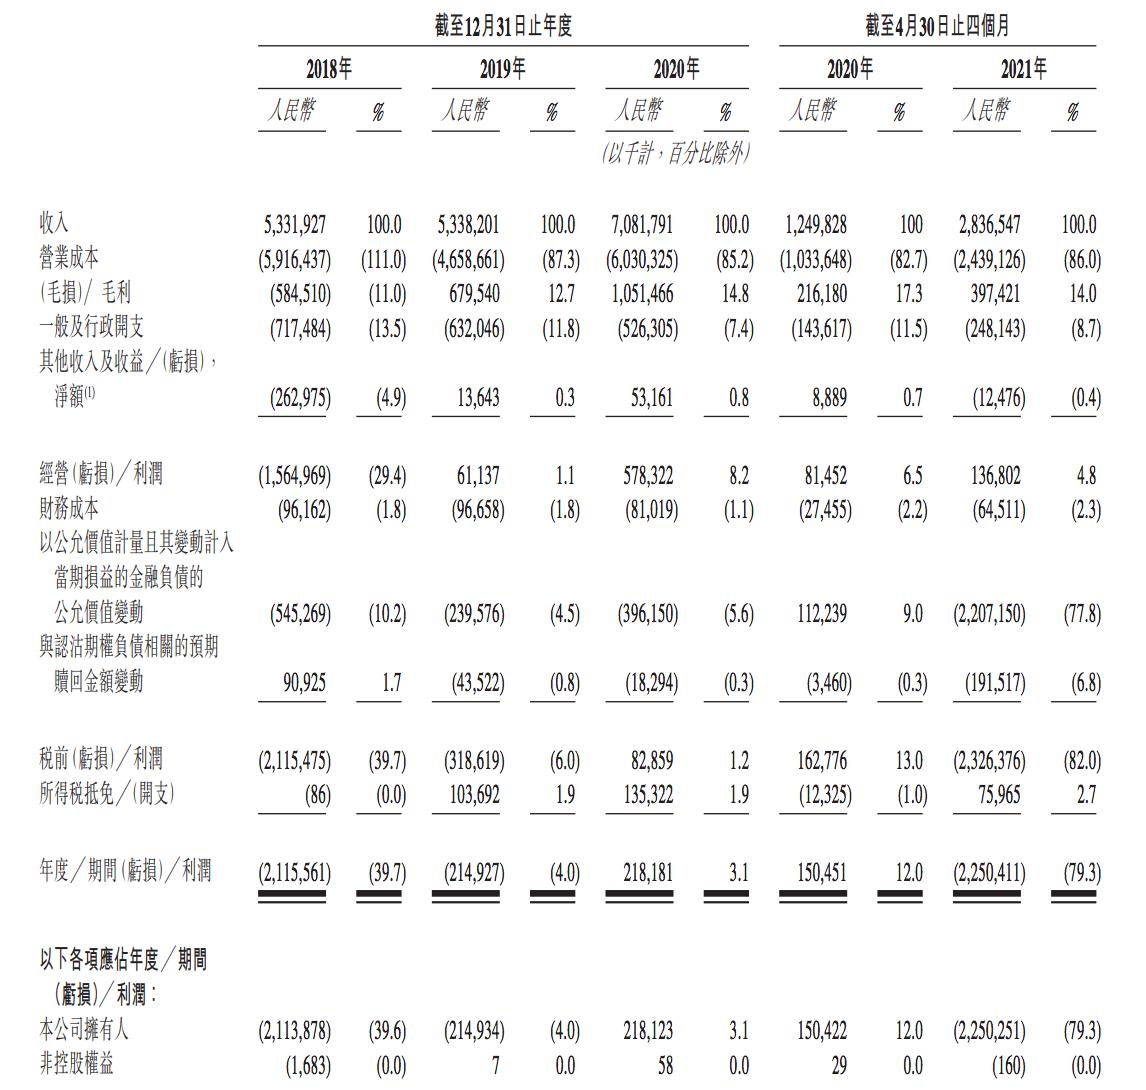 独家 安能物流通过聆讯:招股书财务数据出错,红杉、华<span class=